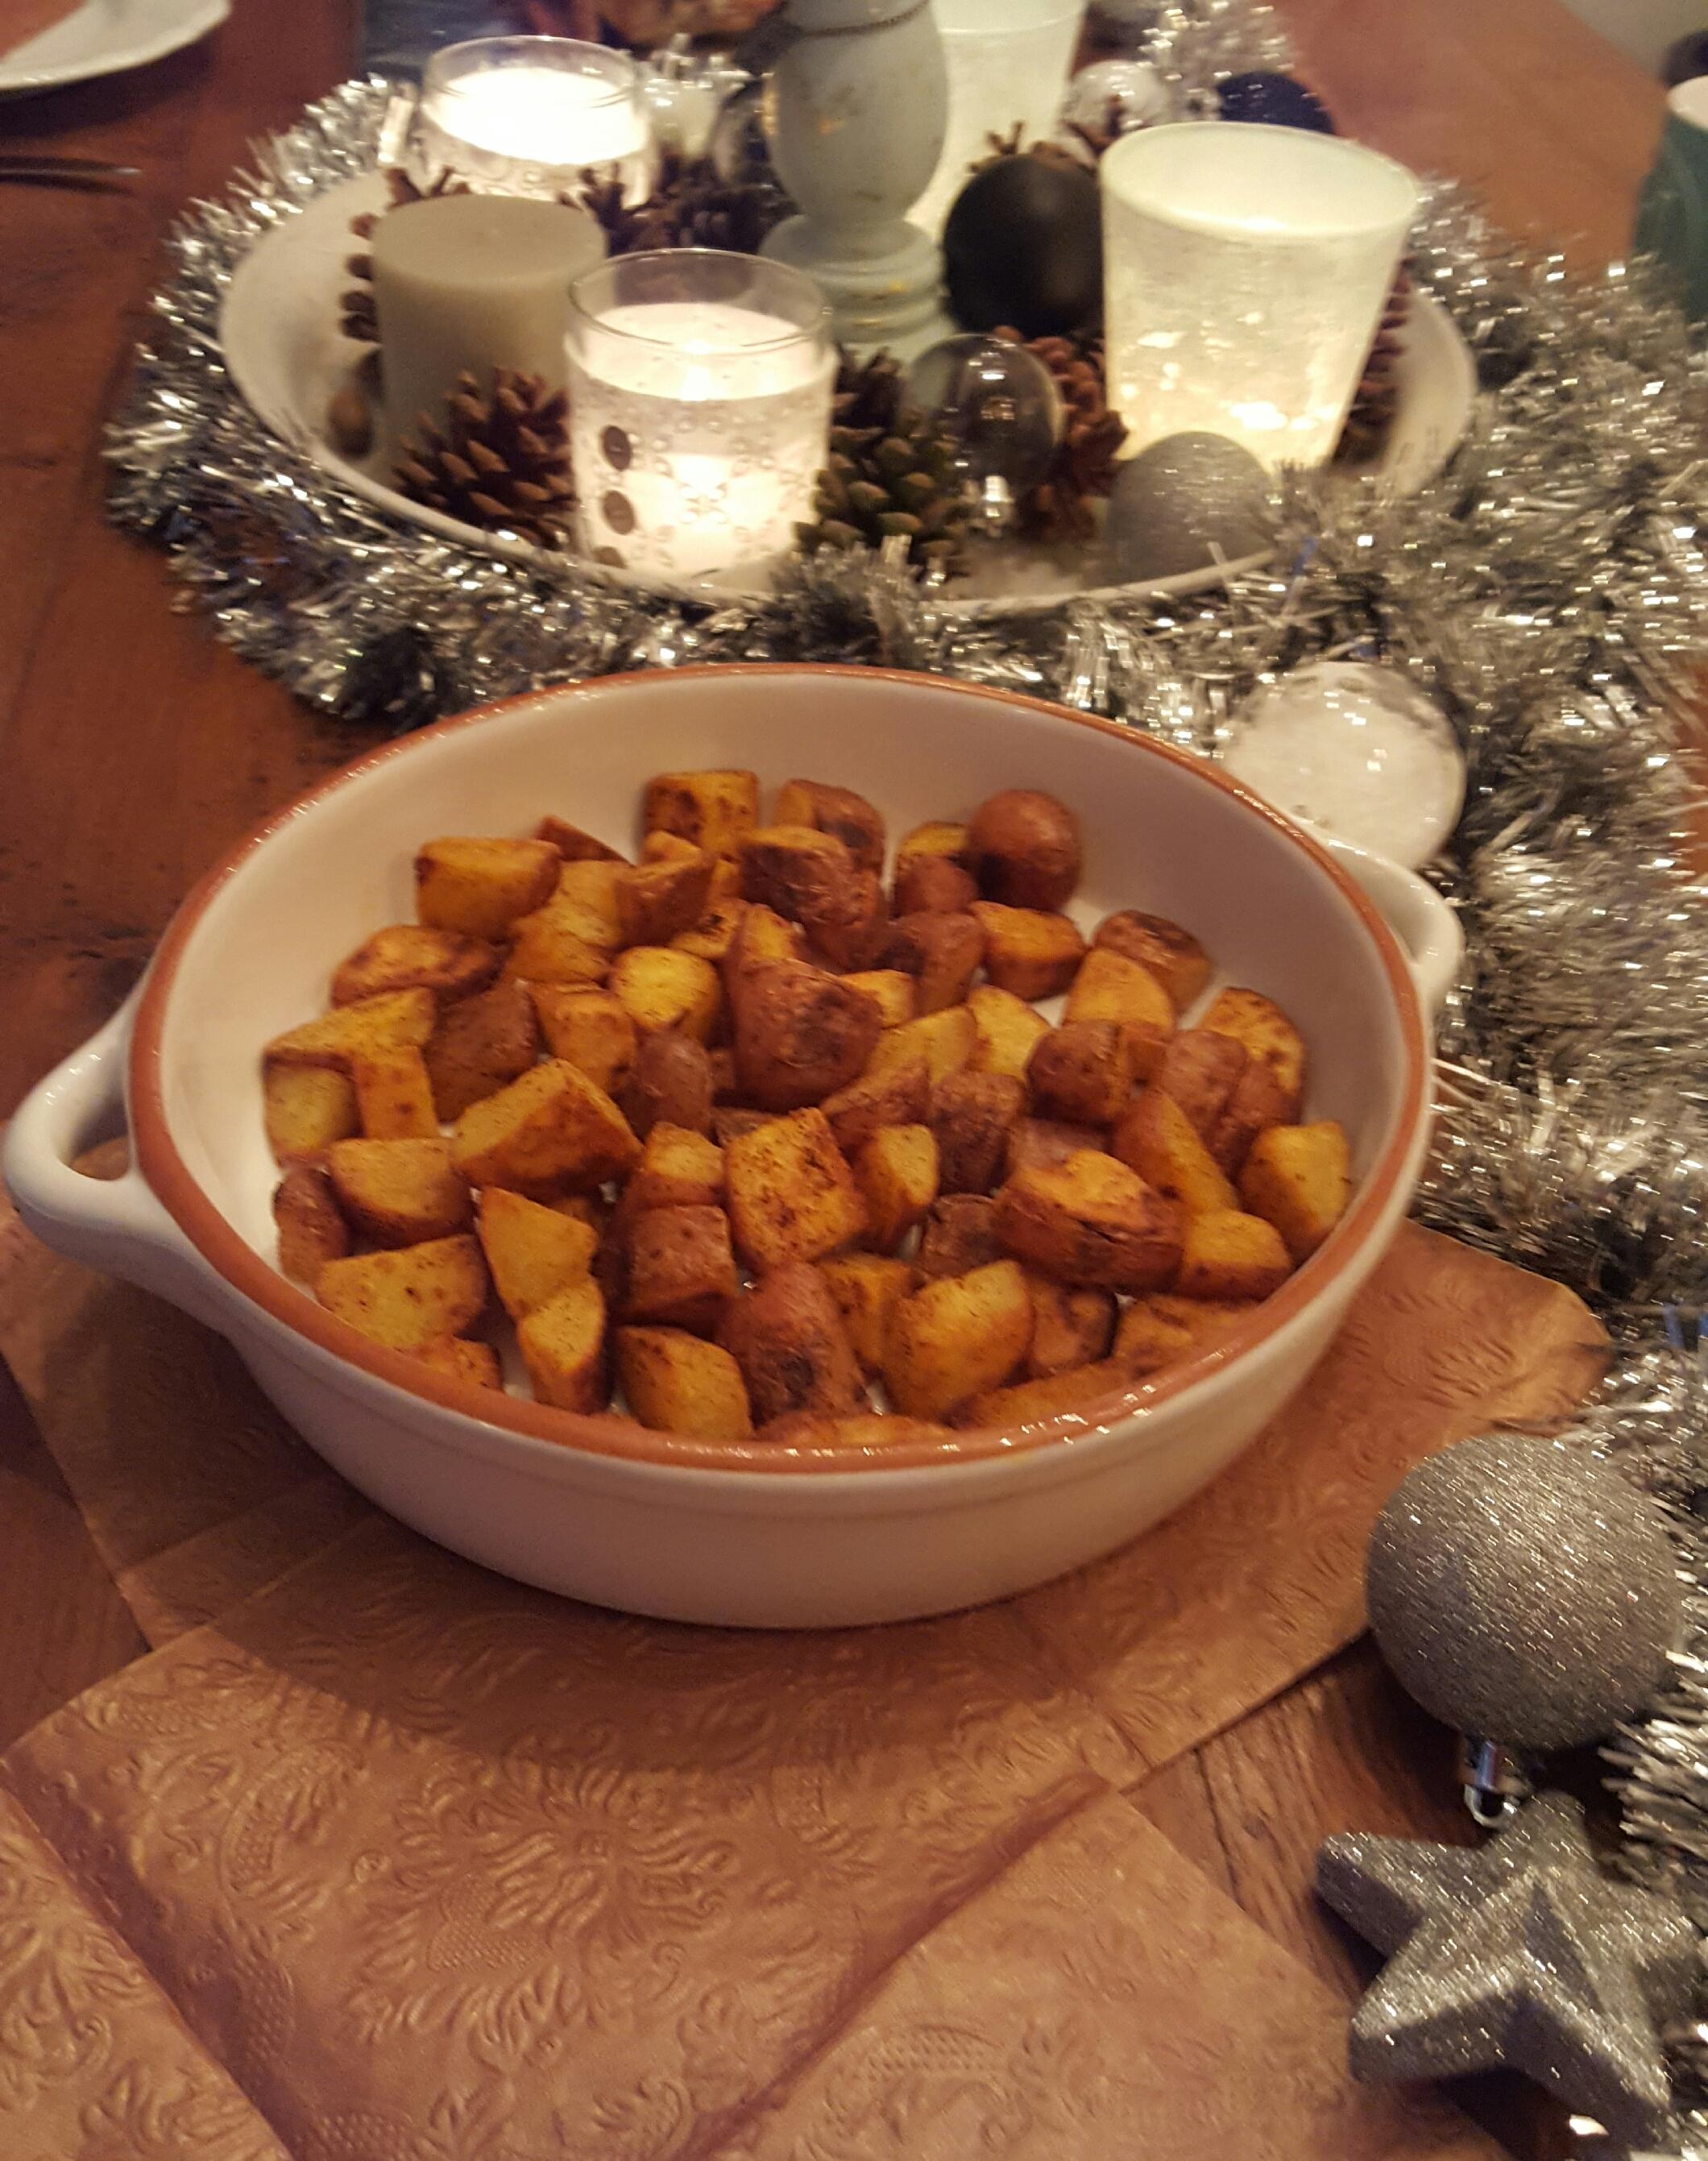 recept gebakken aardappels krokant van buiten zacht van binnen